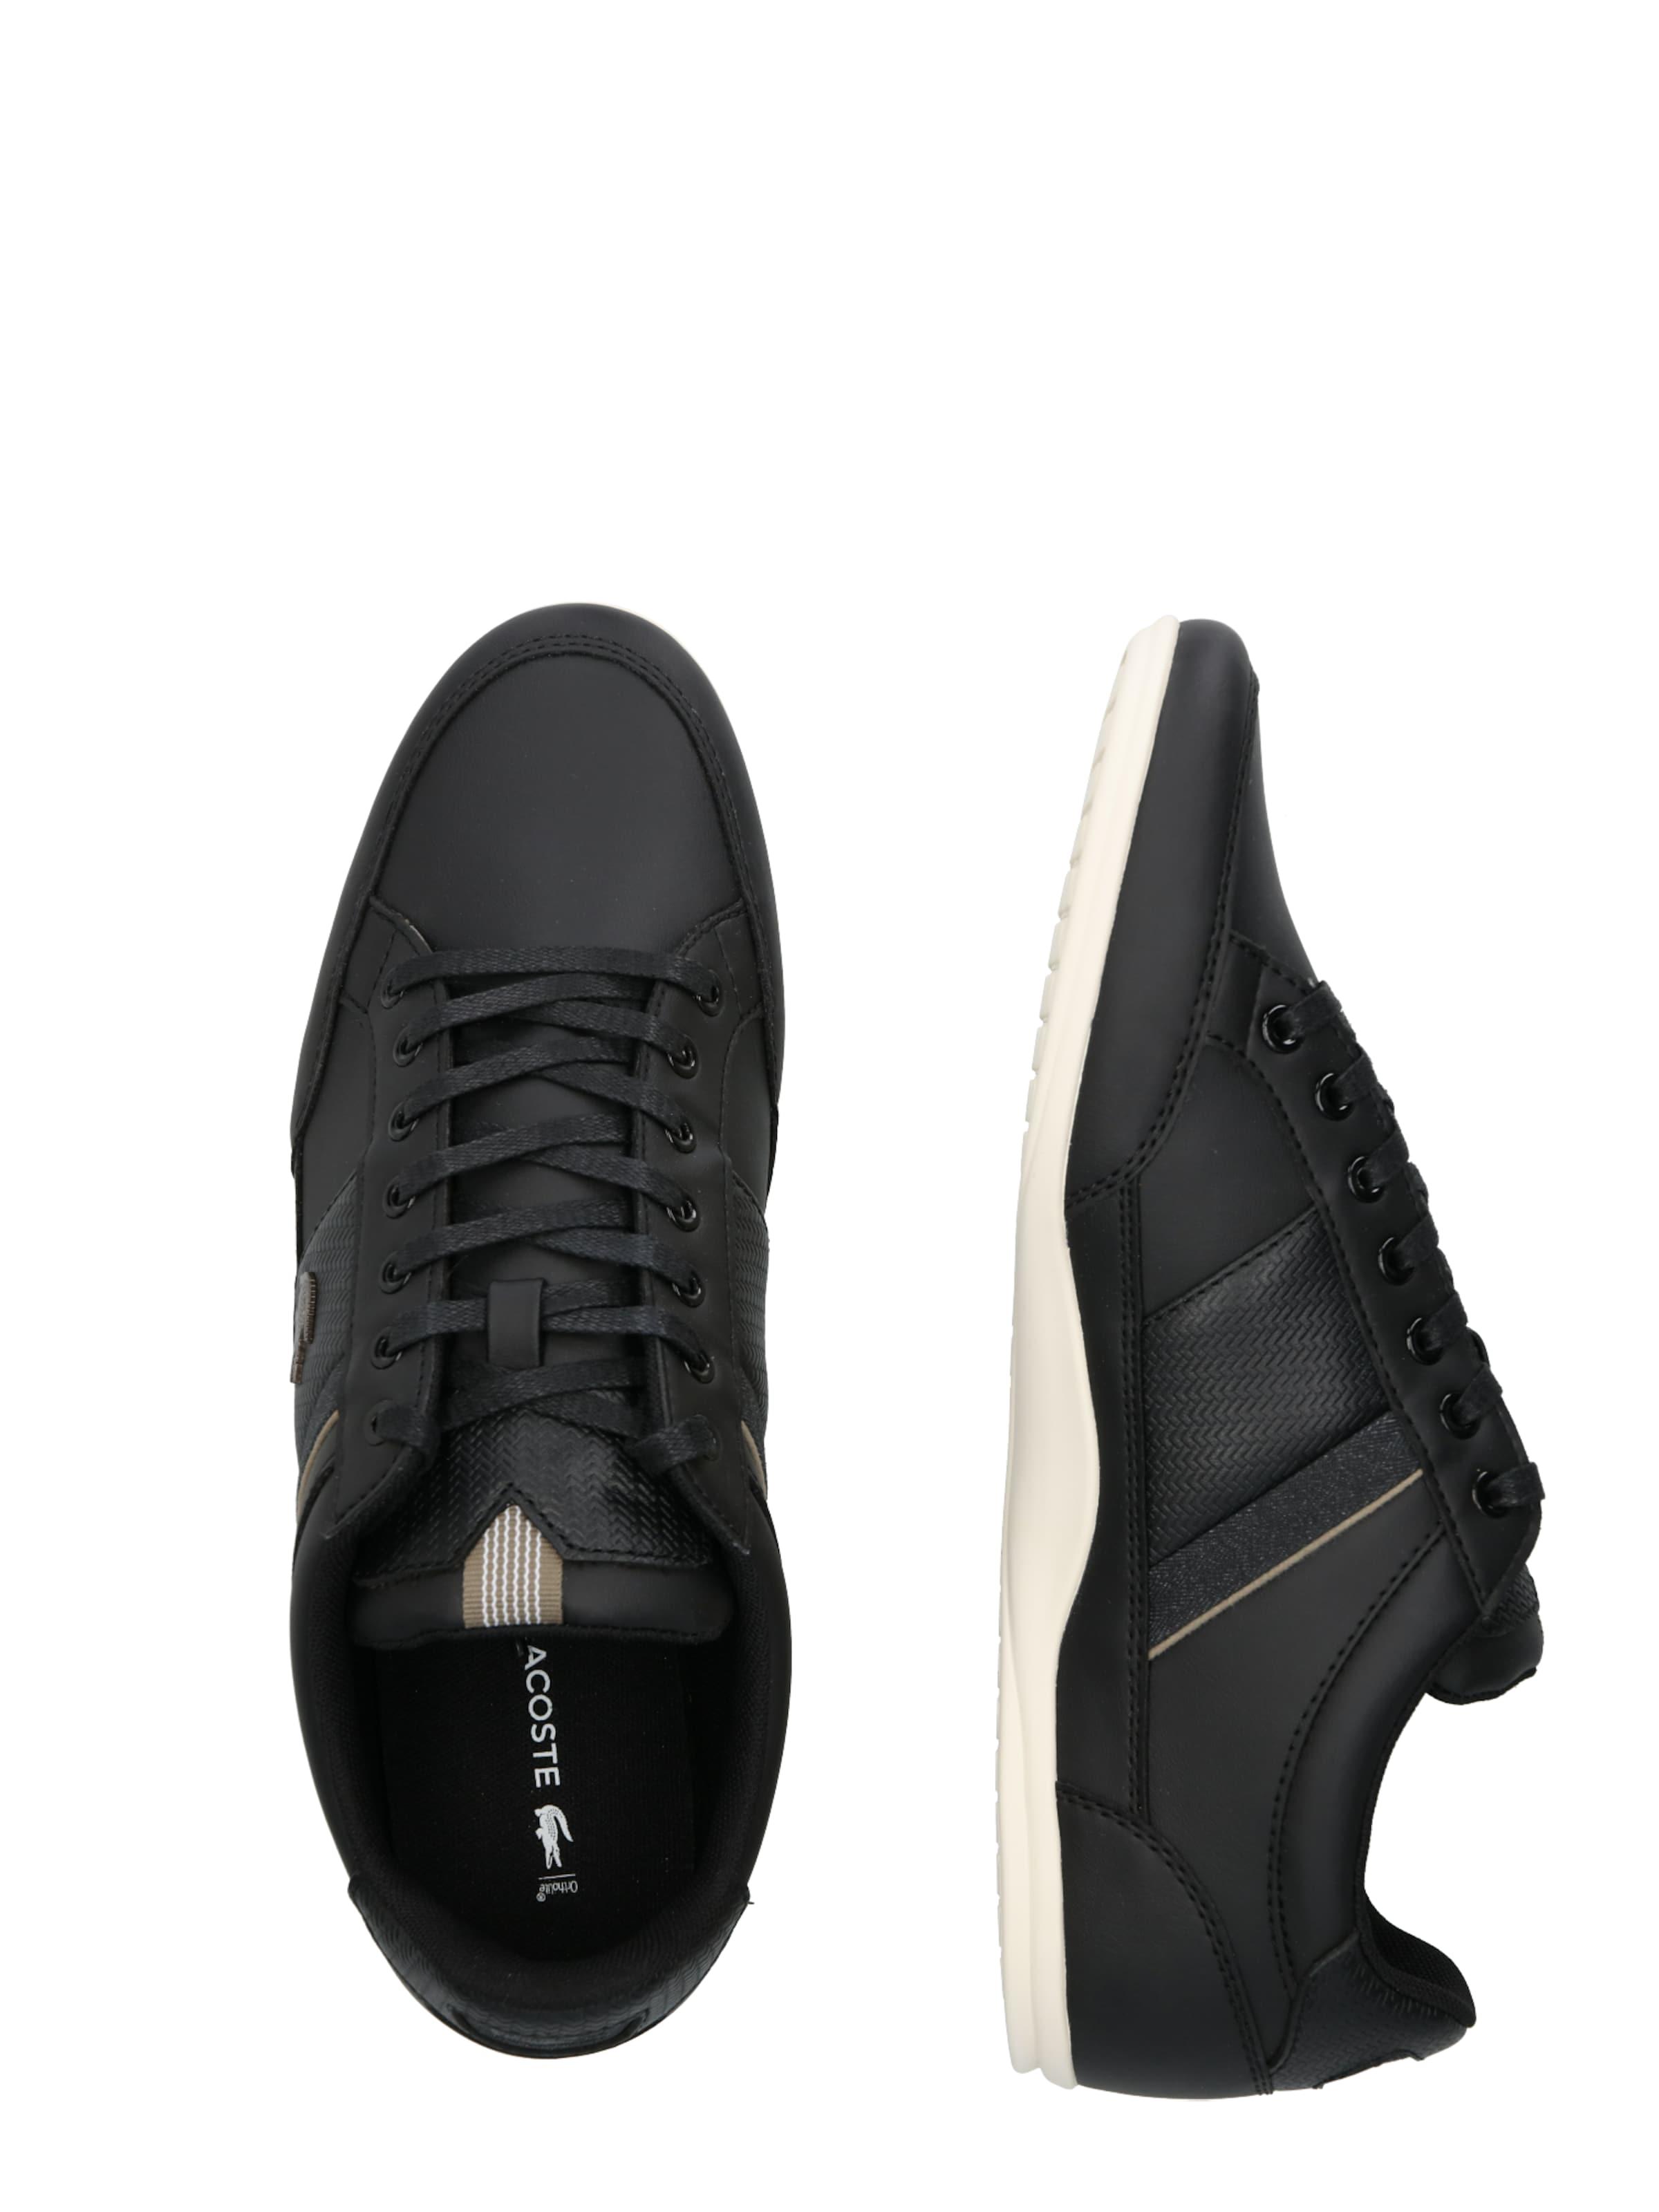 Lacoste Sneaker 1 Schwarz 'chaymon 319 In Cma' 4jS5ARqc3L